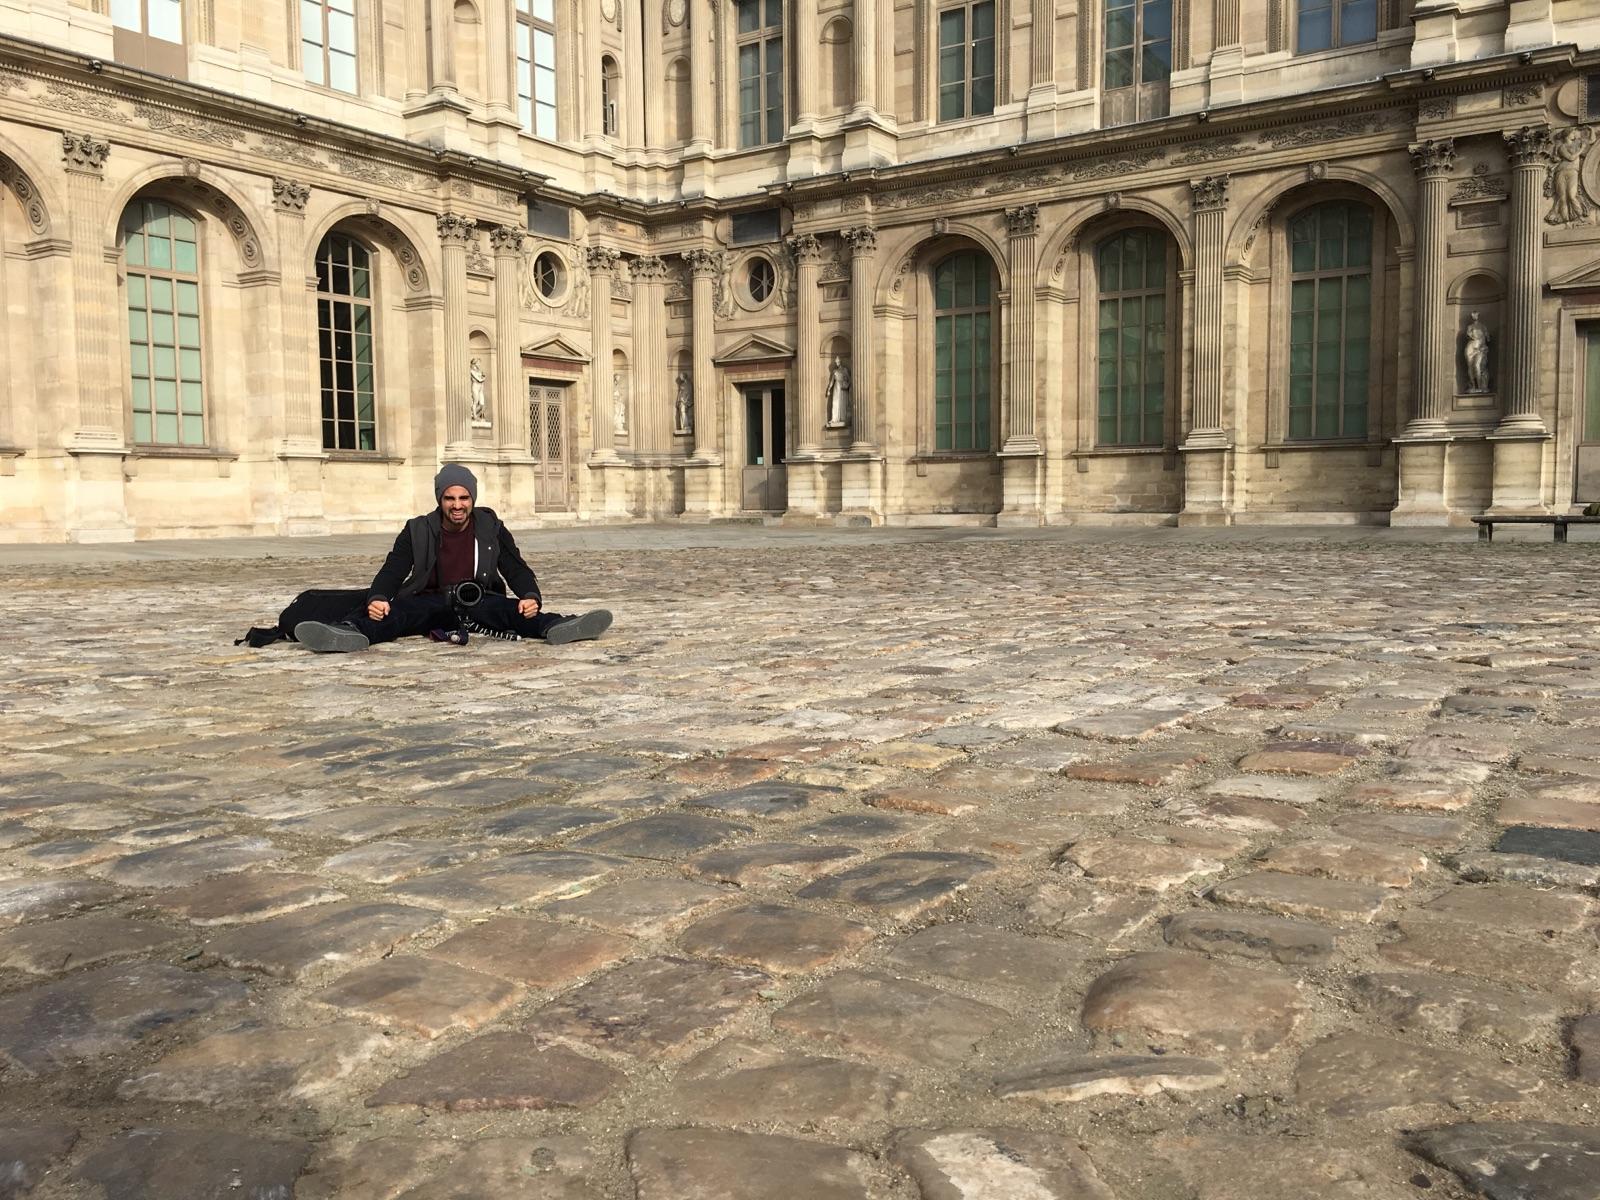 austin paz the lourve paris